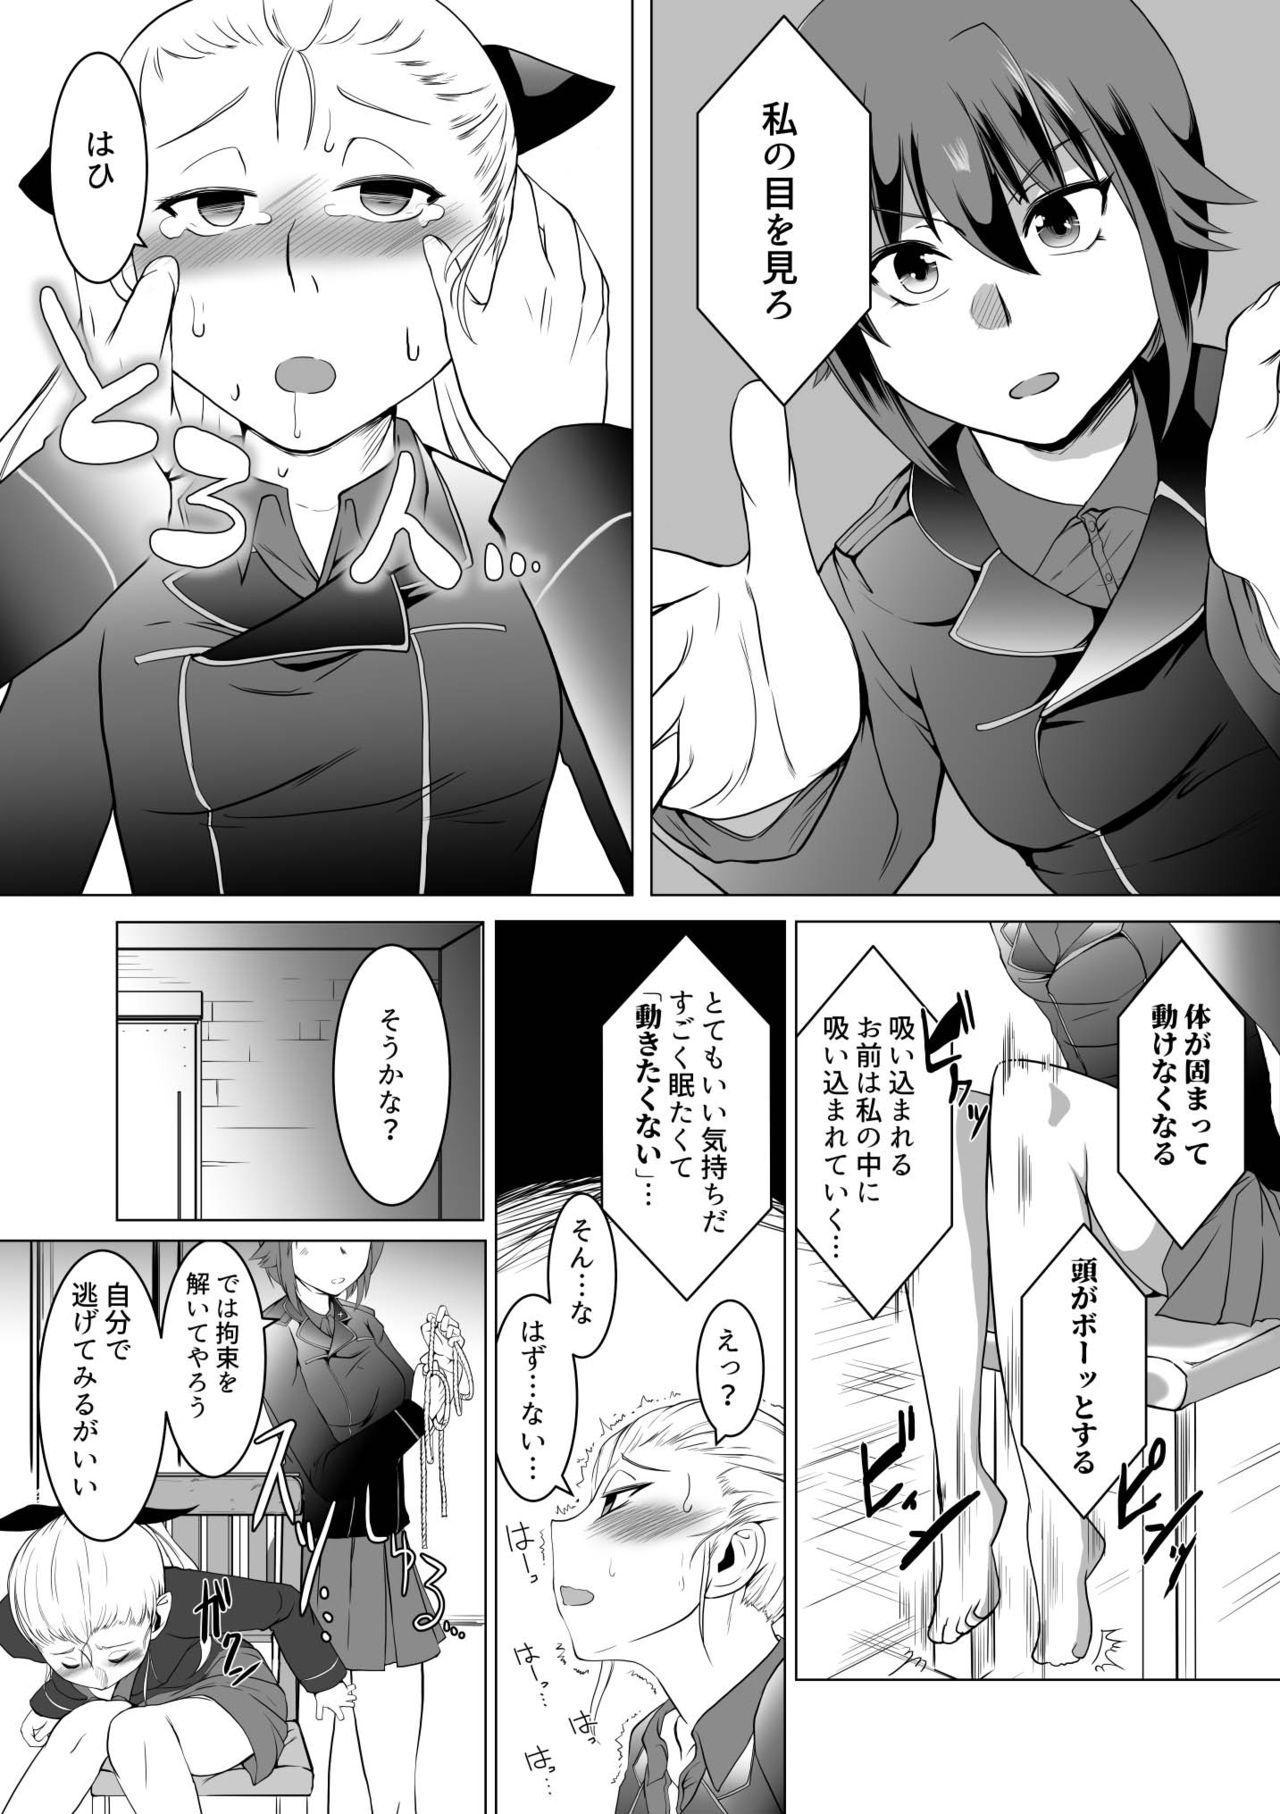 Seijo Kanraku Kuroi Mori no Shibo Sei Jinmon 9